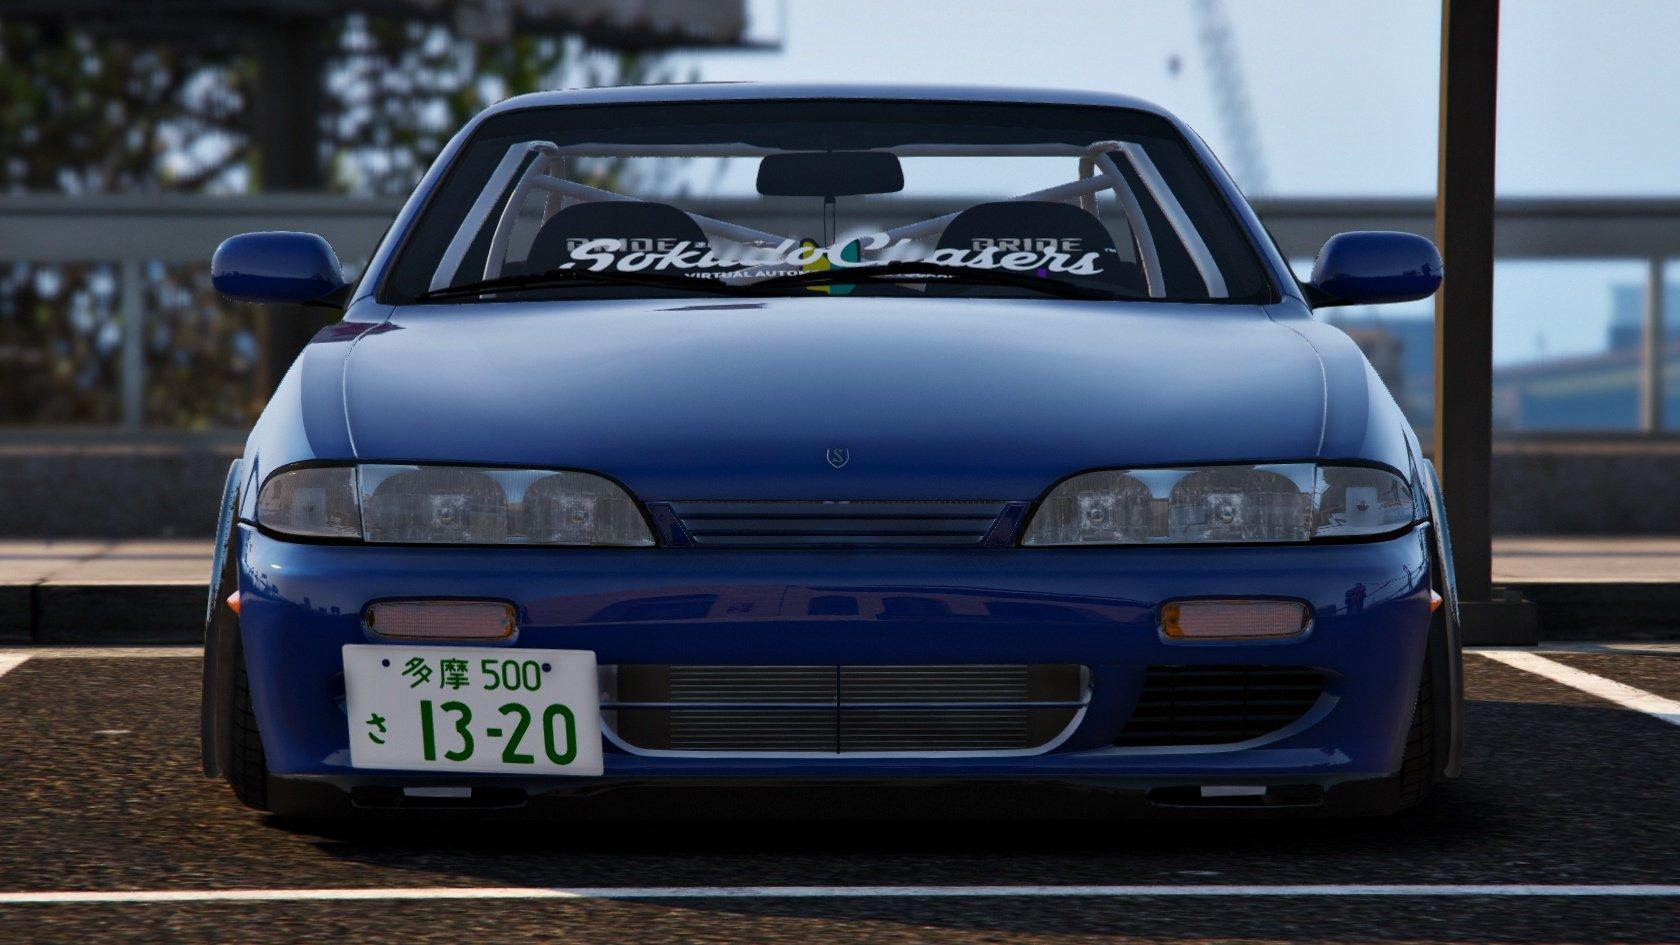 Nissan S14 Zenki Improved Handling Gta5 Mods Com